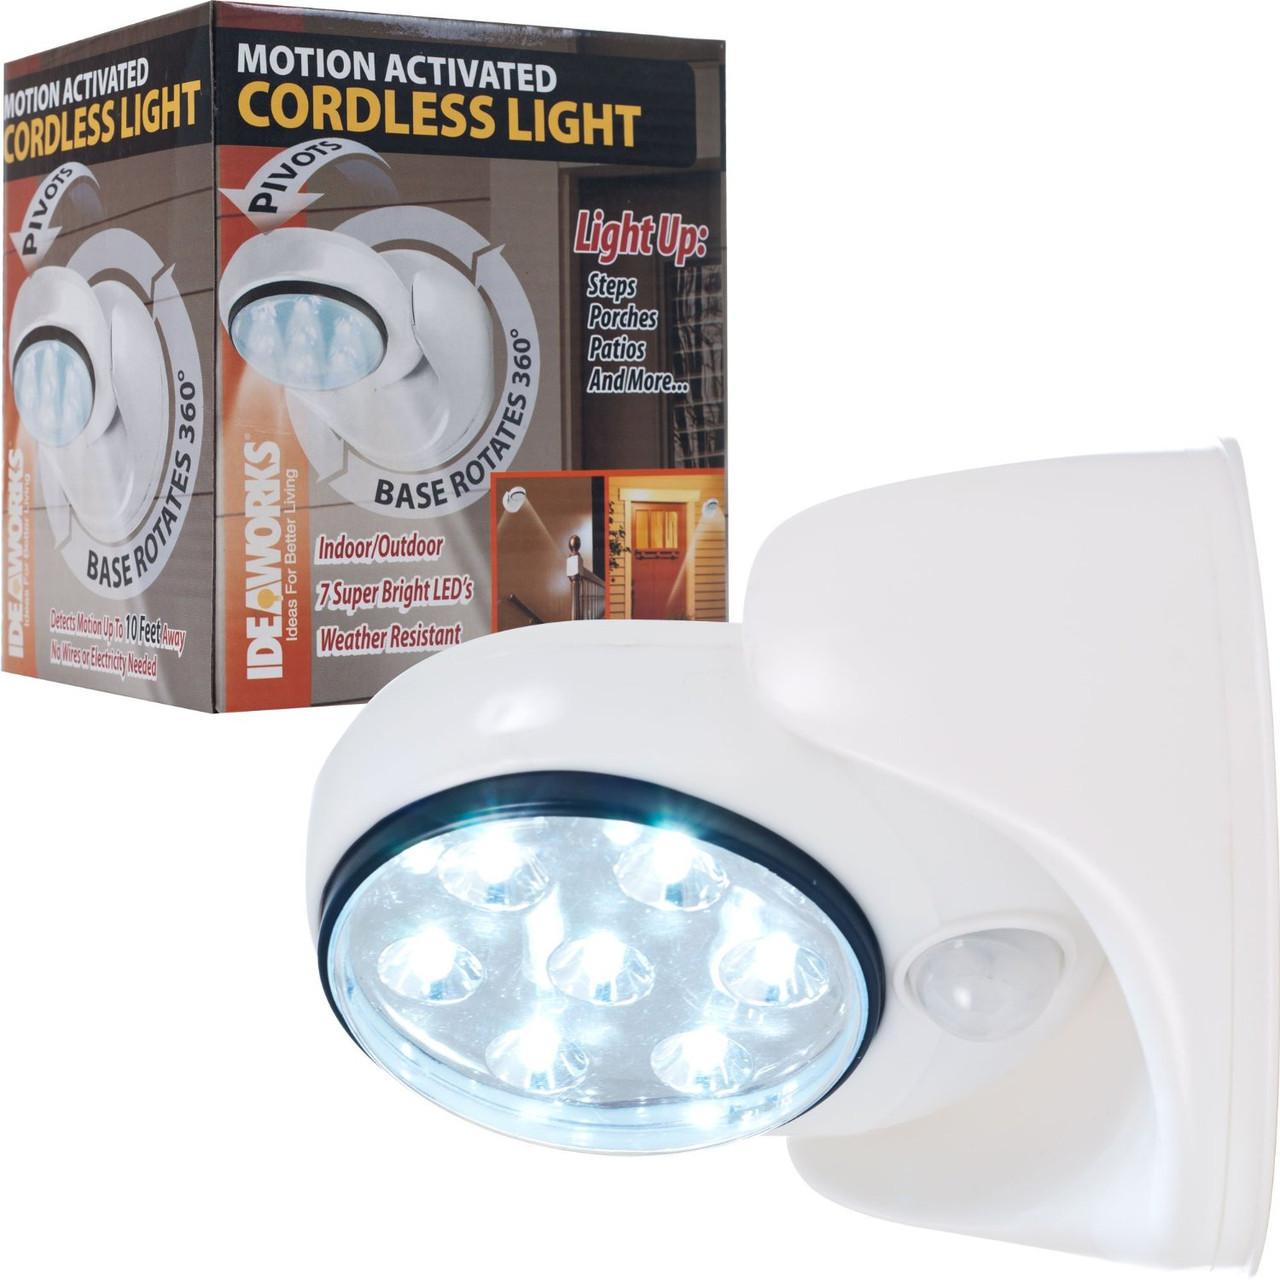 Лампа с датчиком движения Cordless Light, фото 1